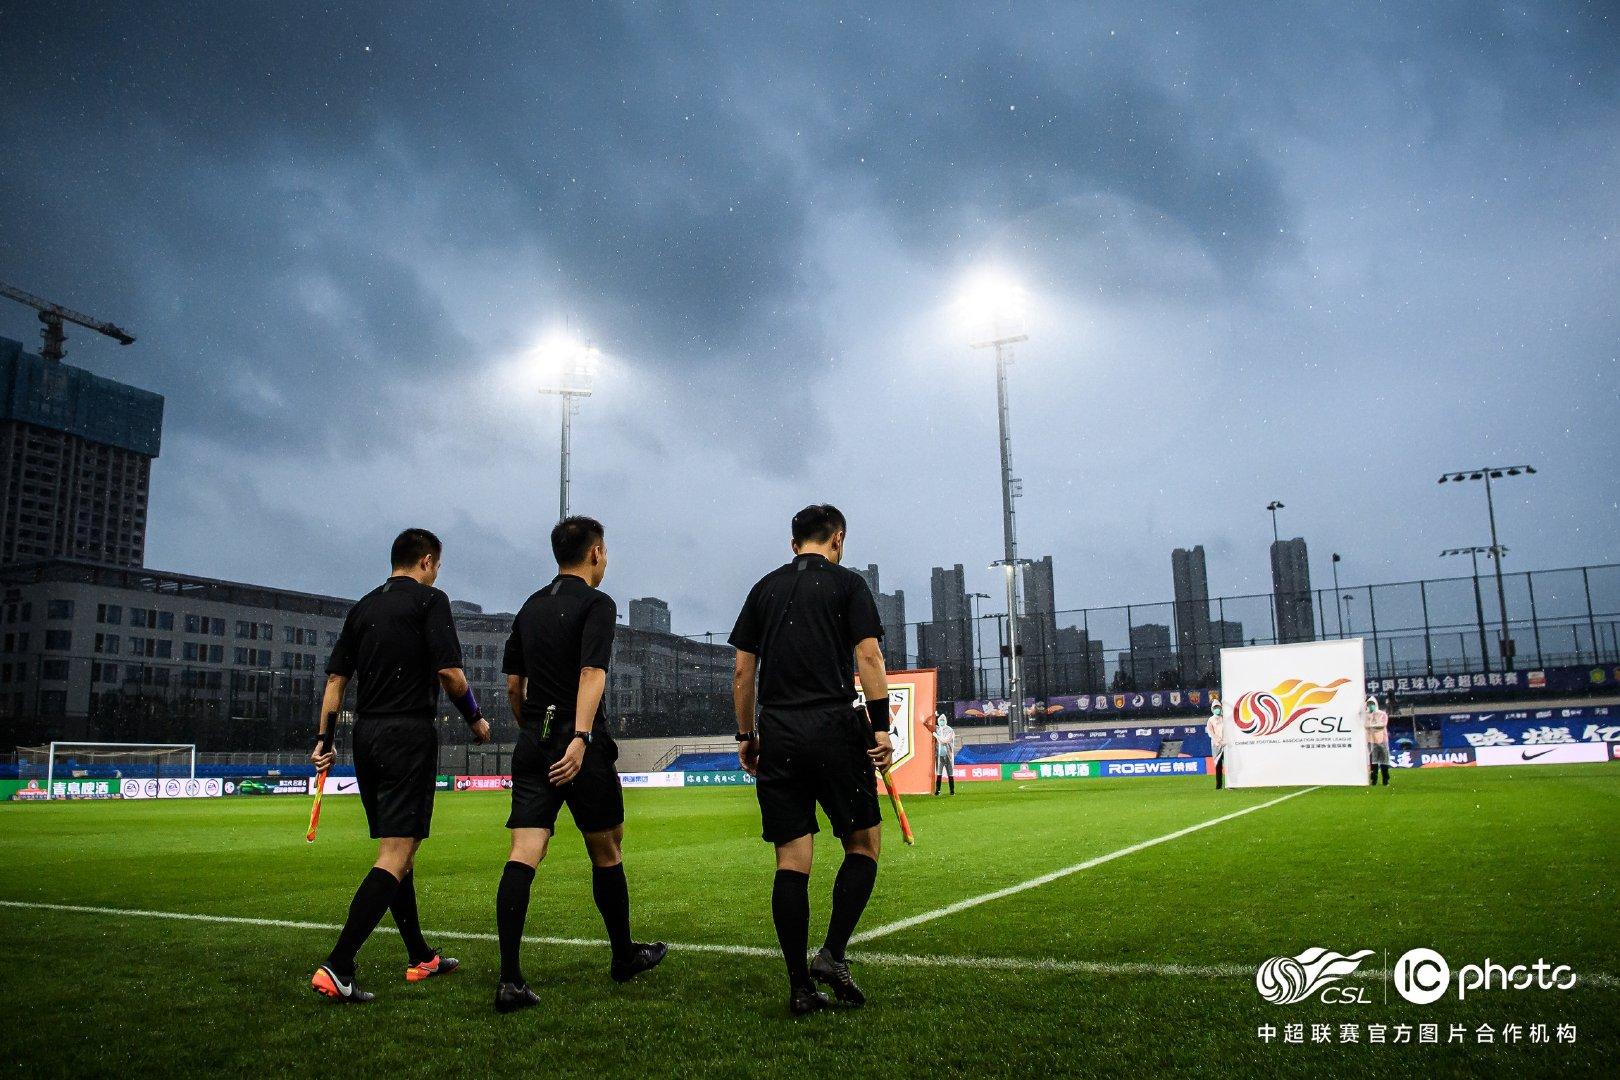 足球报:亚博真人百家游戏第二阶段裁判人选公布,马宁、傅明执法大连赛区